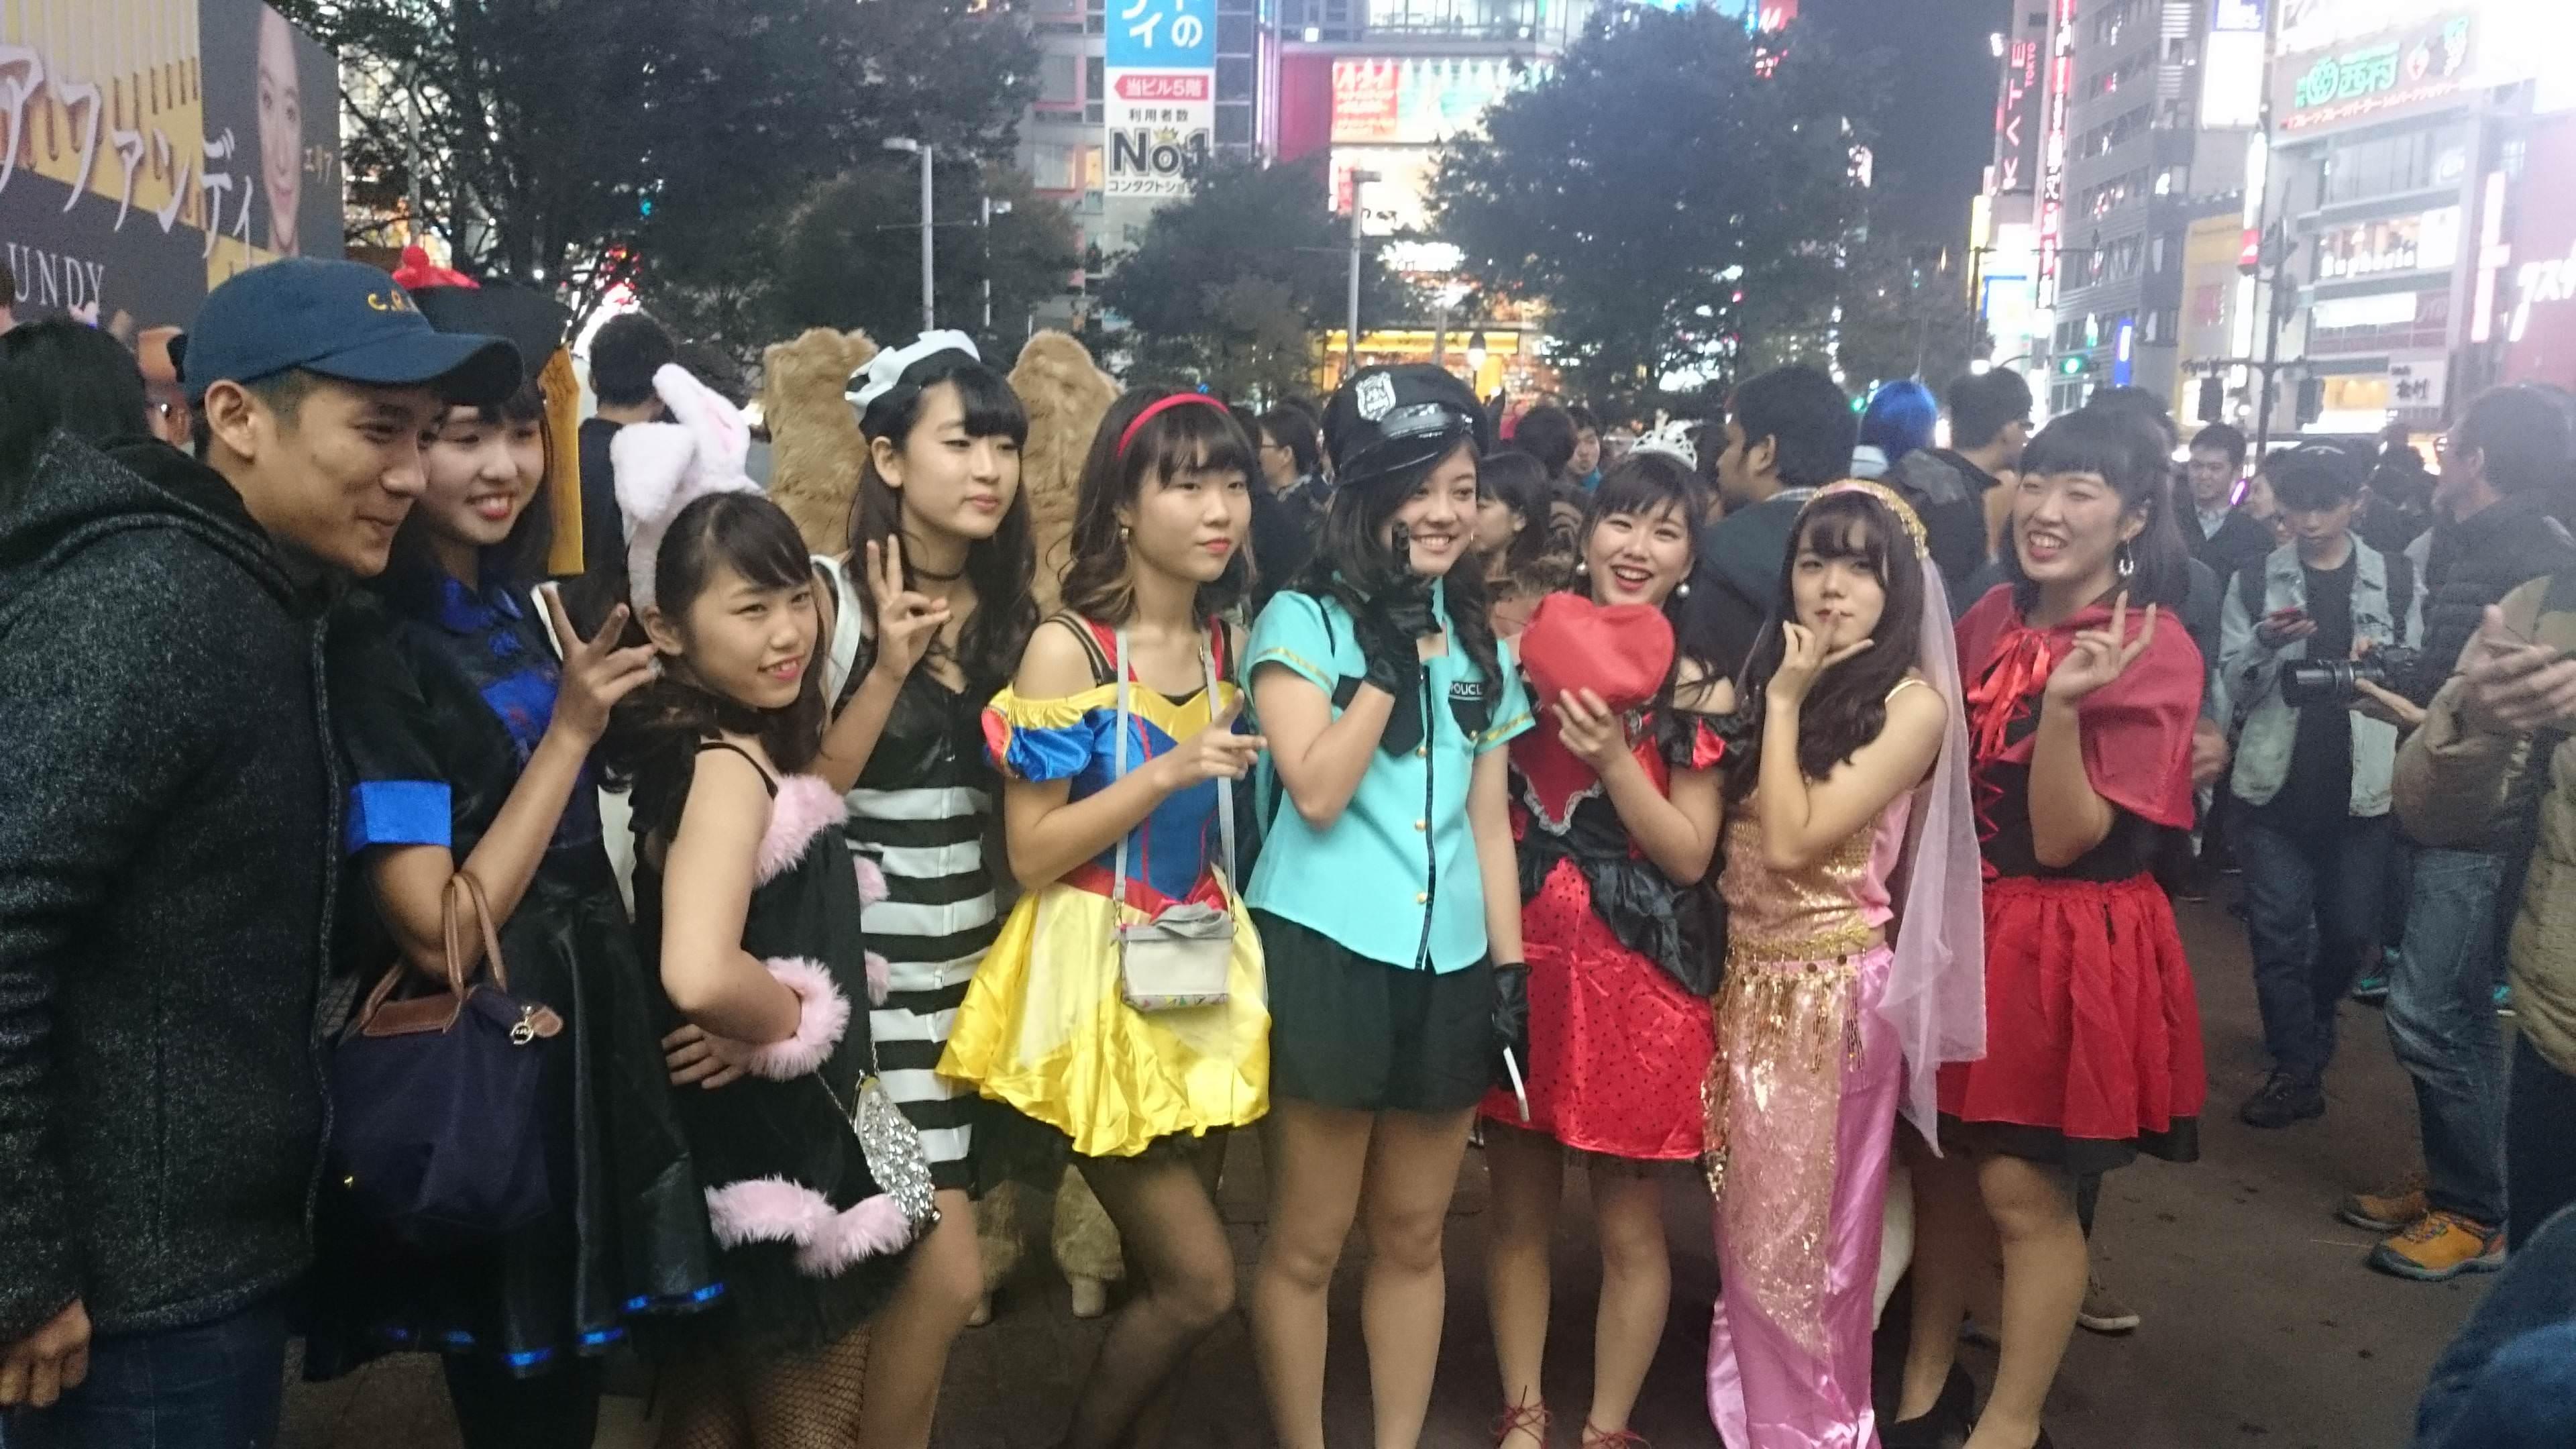 2ちゃんから集めた2016年渋谷のハロウィンコスプレ画像wwww 0151